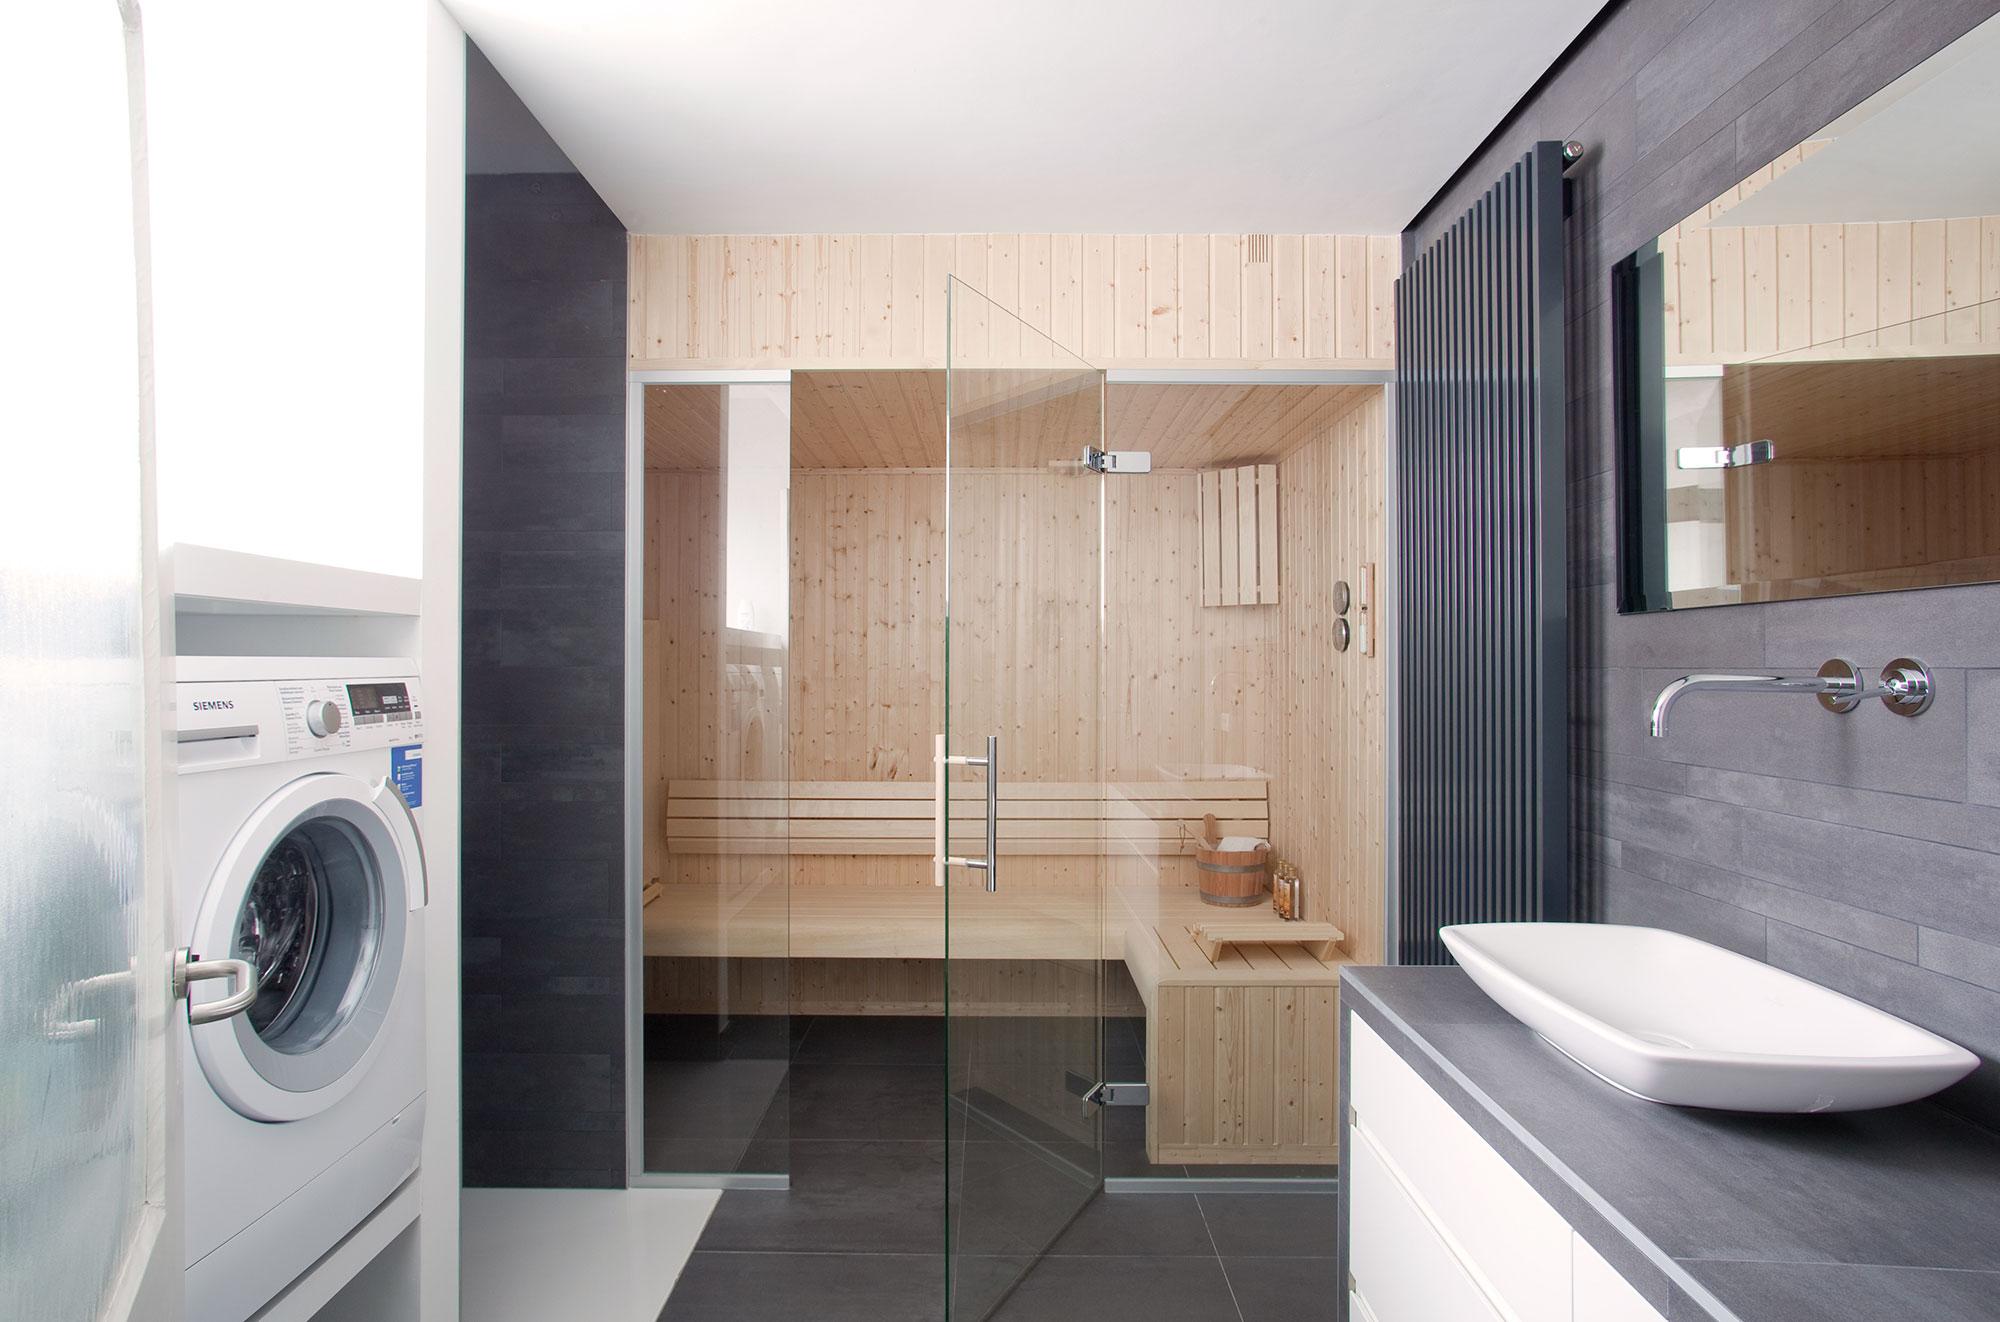 De badkamer werd voorzien van een sauna. Door deze af te sluiten met een glazen deur, gaat de openheid van de ruimte niet verloren.